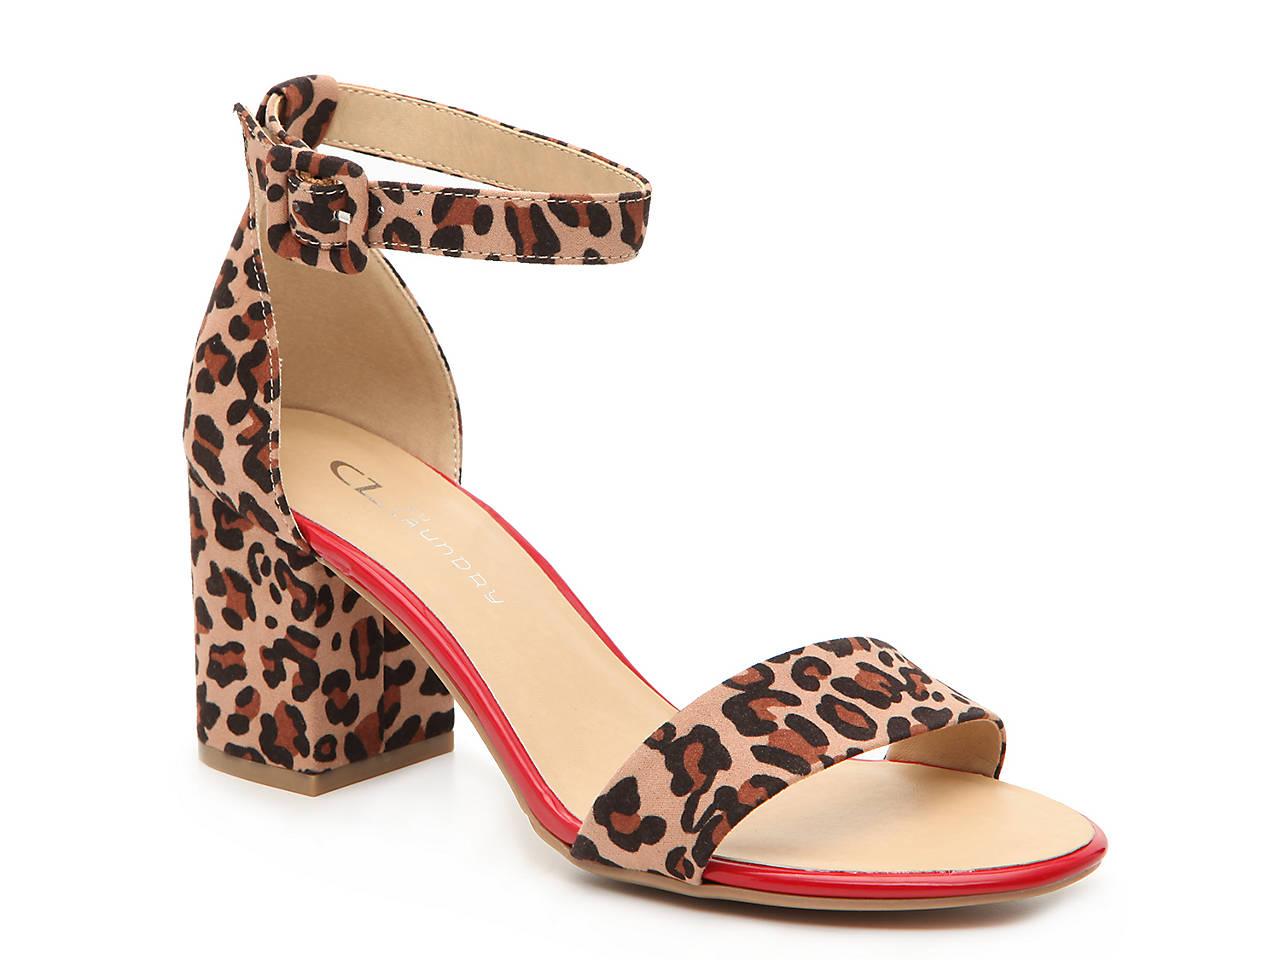 37c596324 CL by Laundry Jody Sandal Women s Shoes